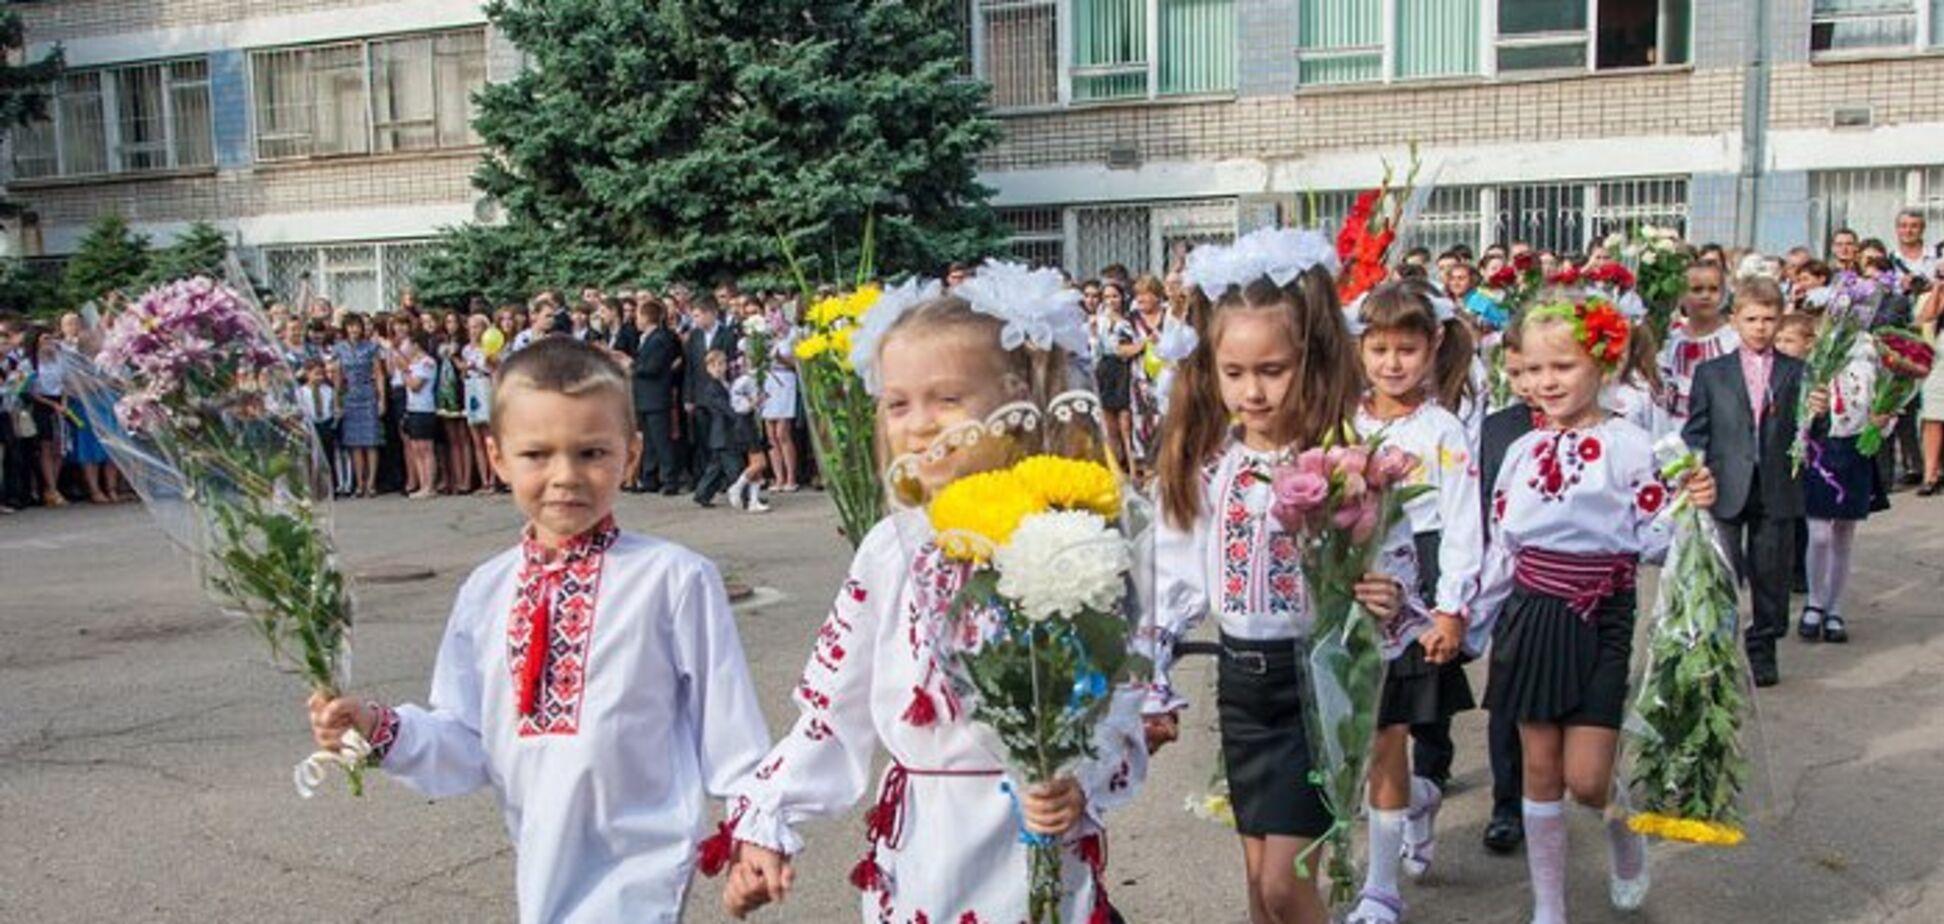 'И будет вам счастье': украинский писатель рассказал, что лучше всего дарить на 1 сентября